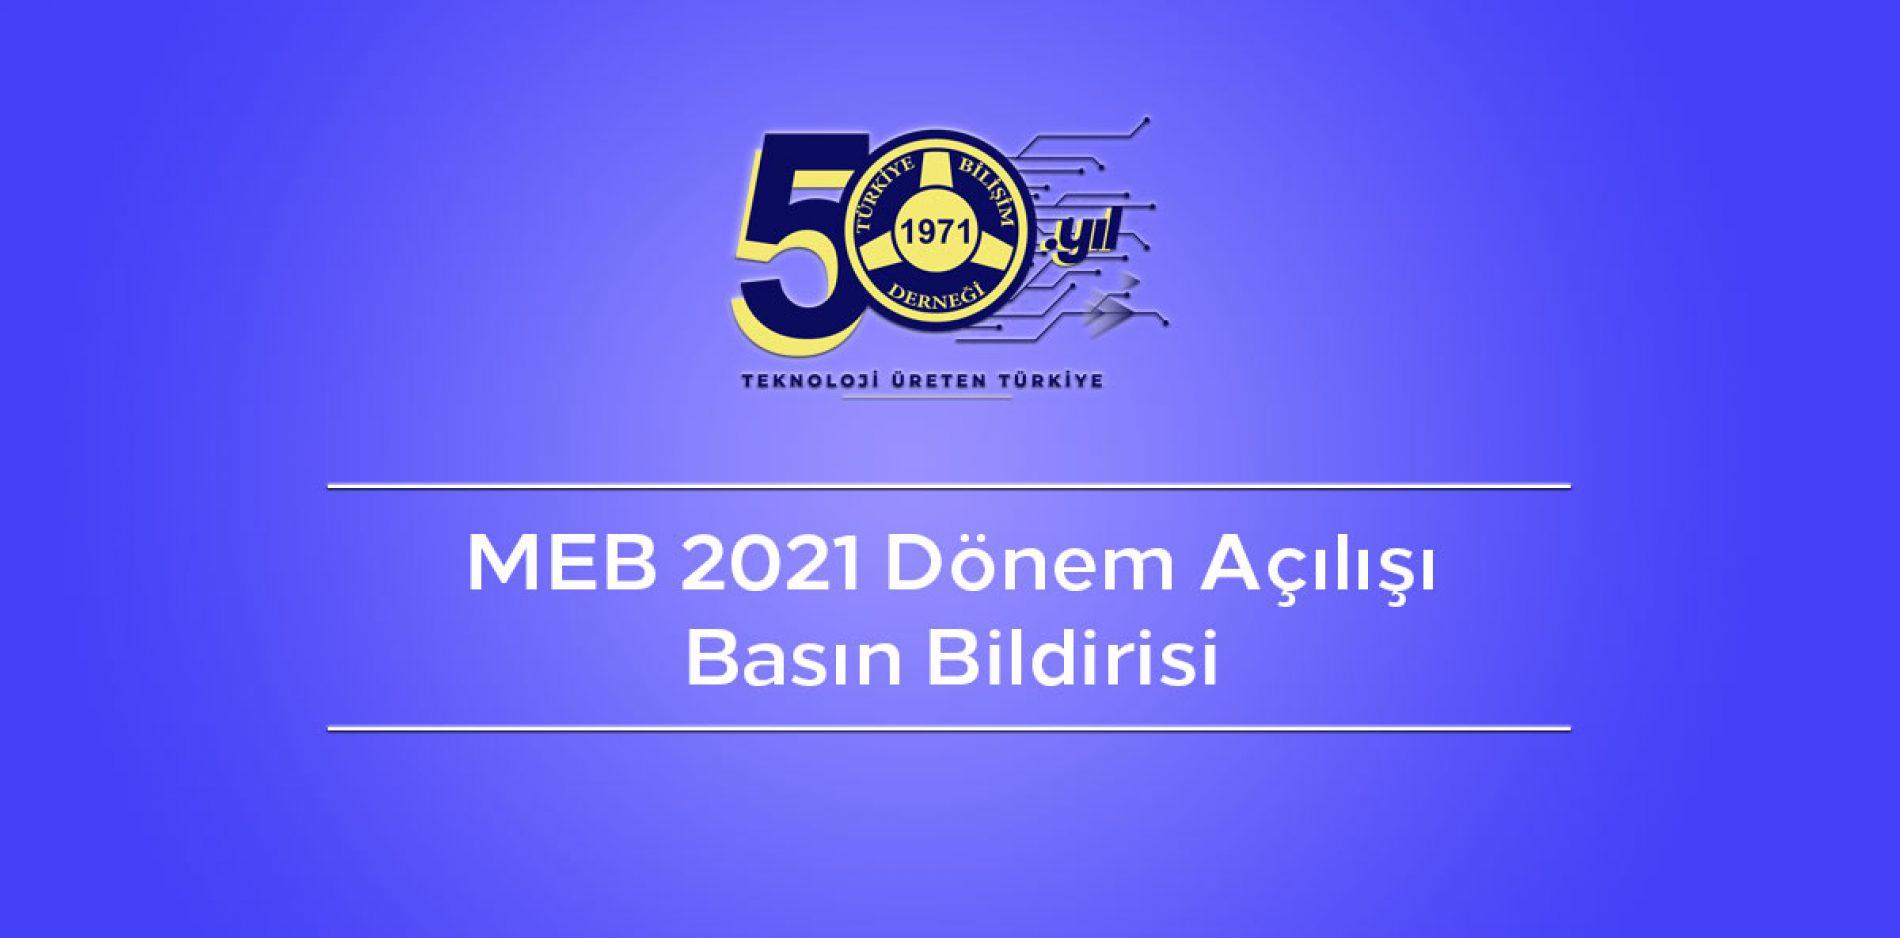 MEB 2021 Dönem Açılışı Basın Bildirisi